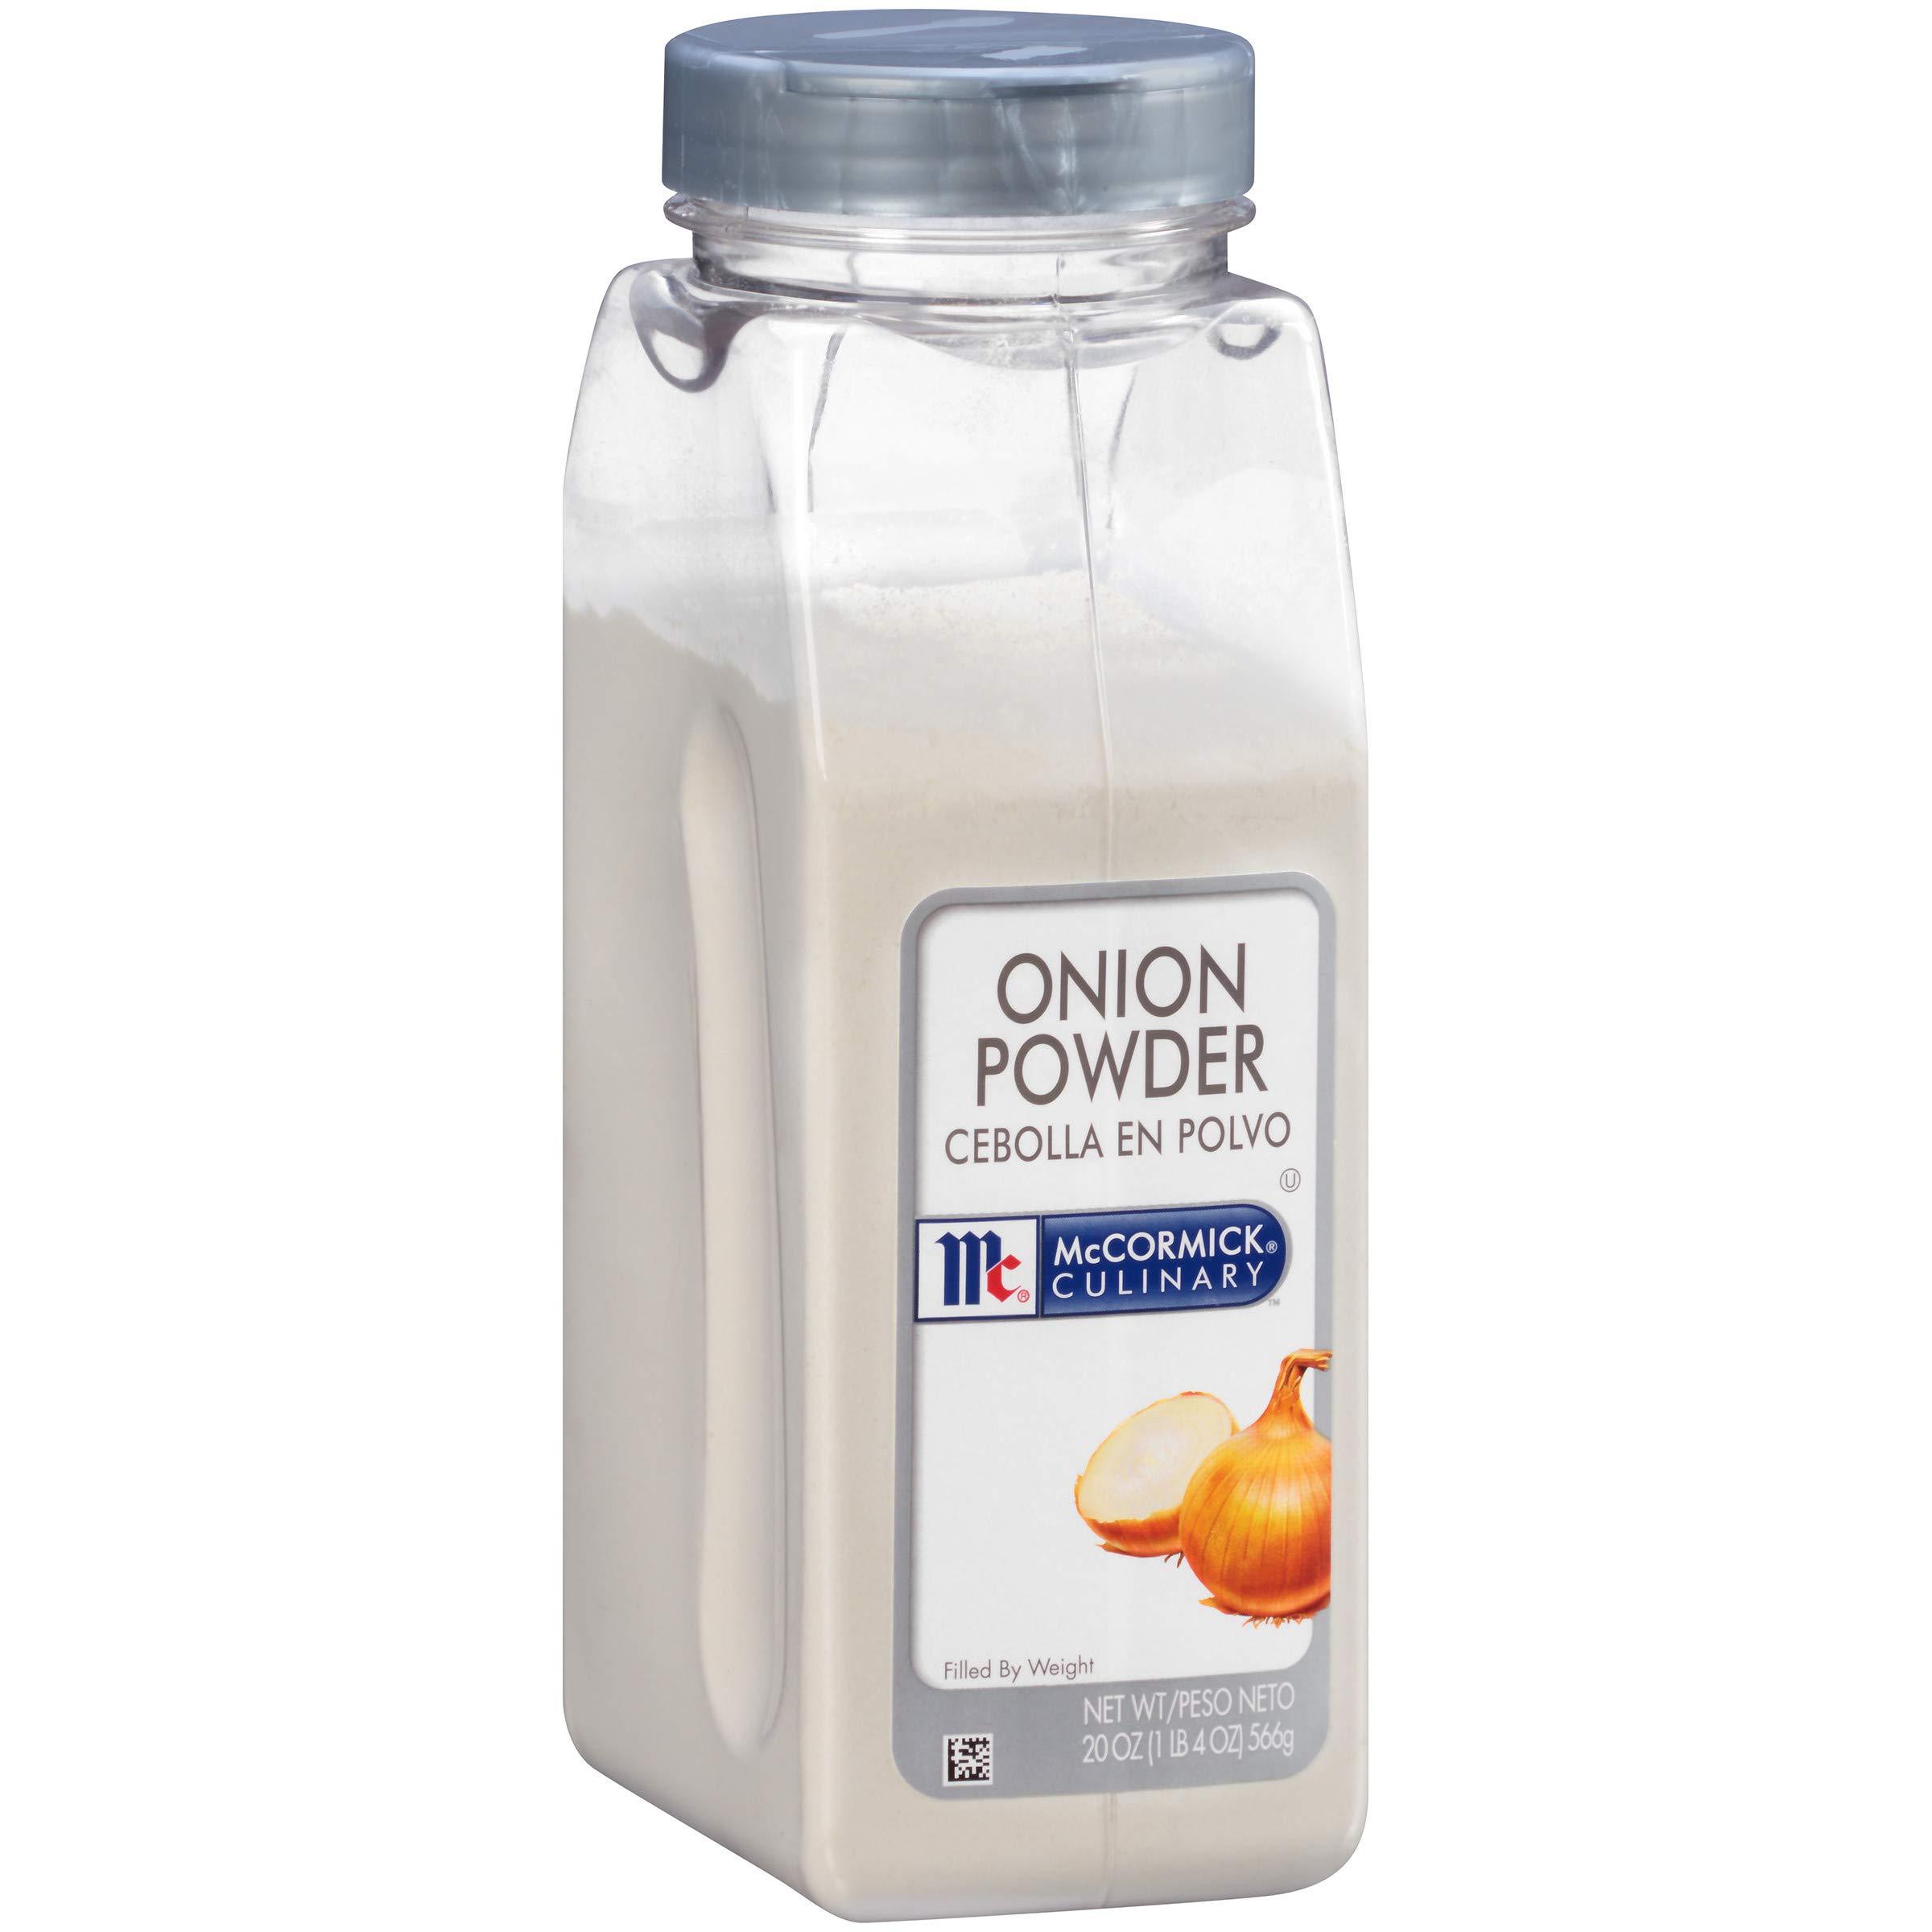 McCormick Culinary Onion Powder, 20 oz